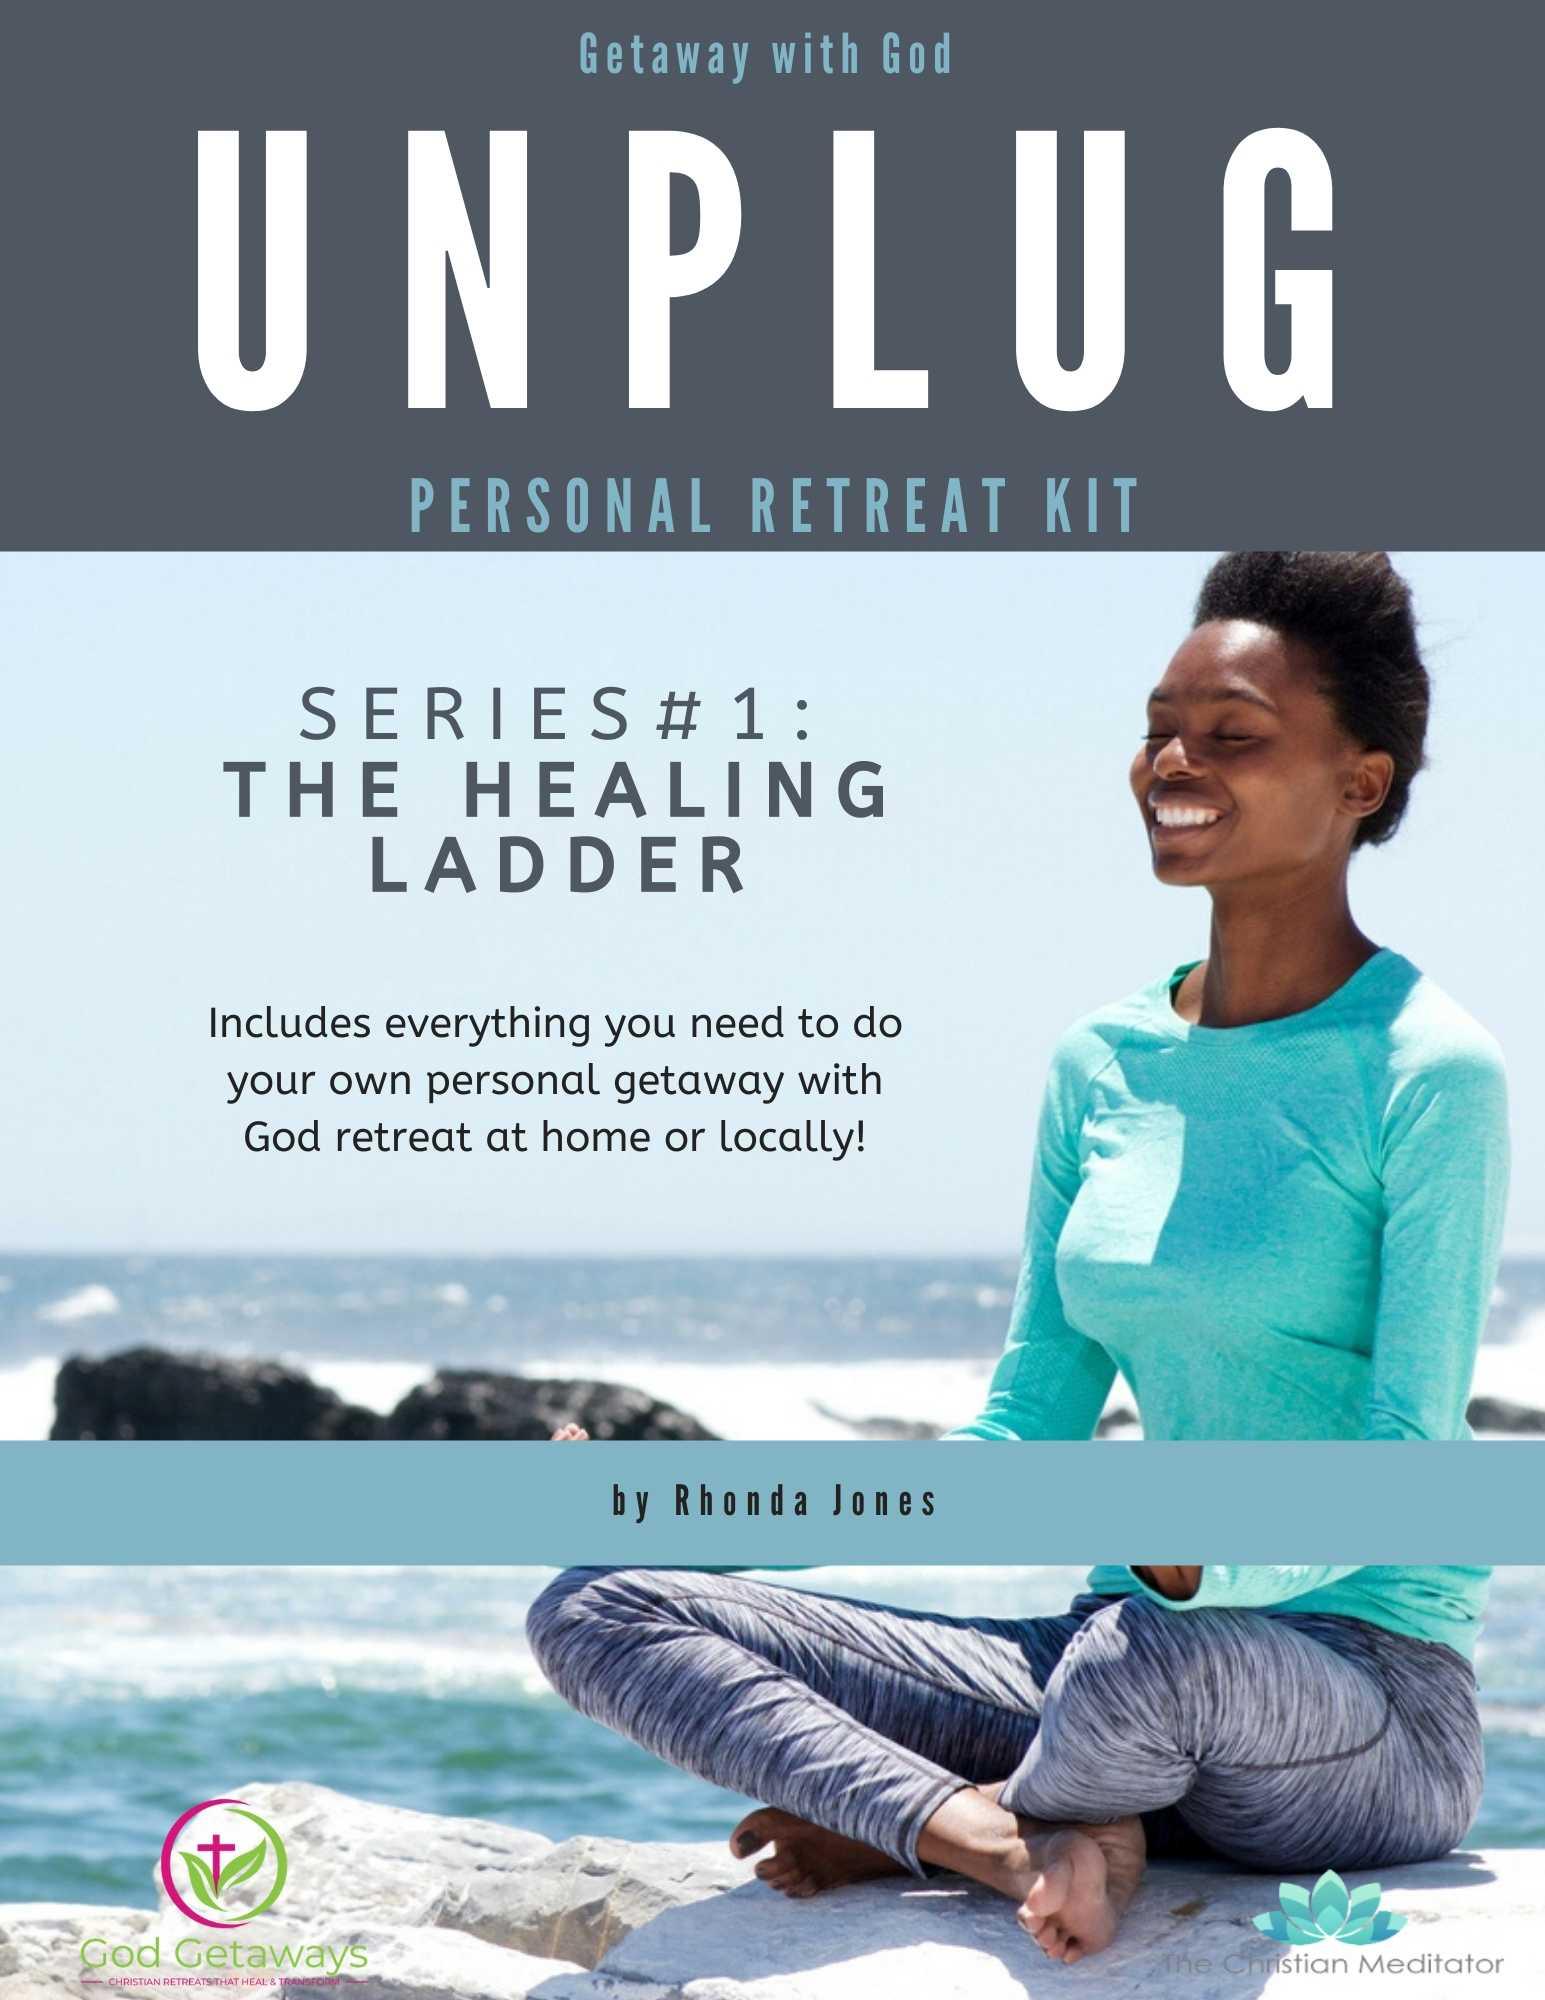 unplug retreat kit